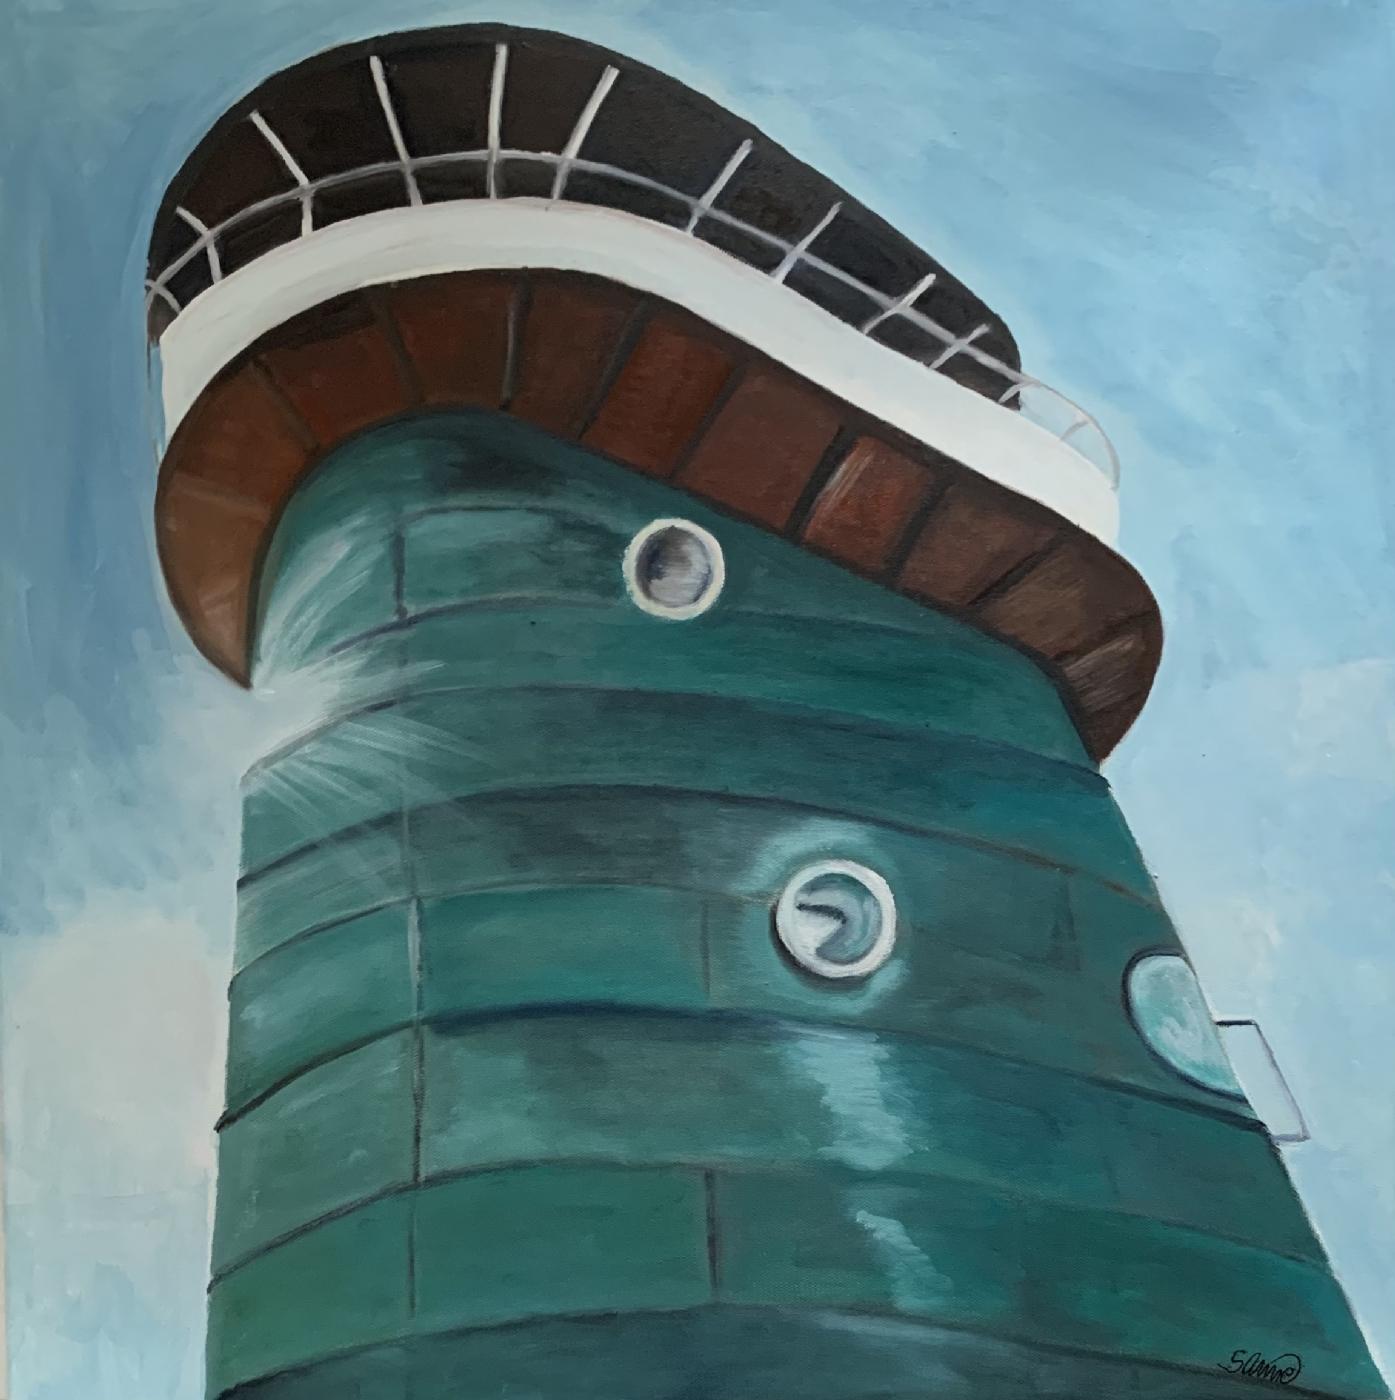 Brotårnet på Knippelsbro | Maleri